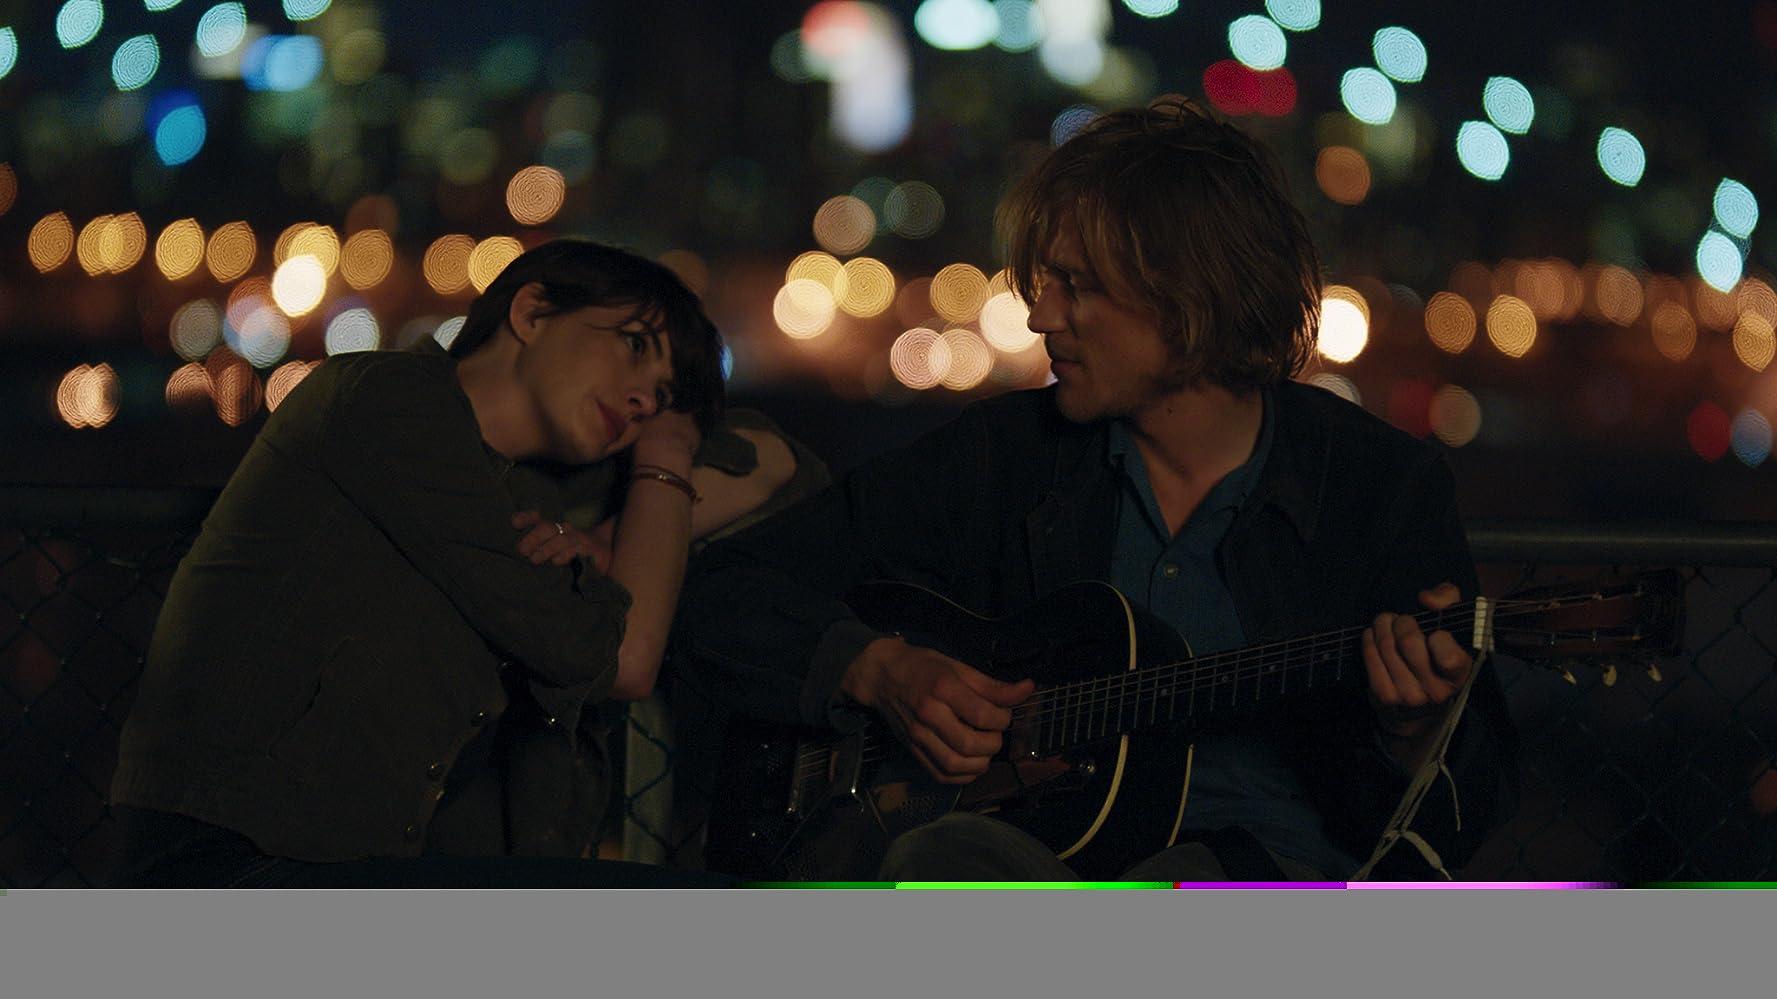 La vida en una canción (Song One)